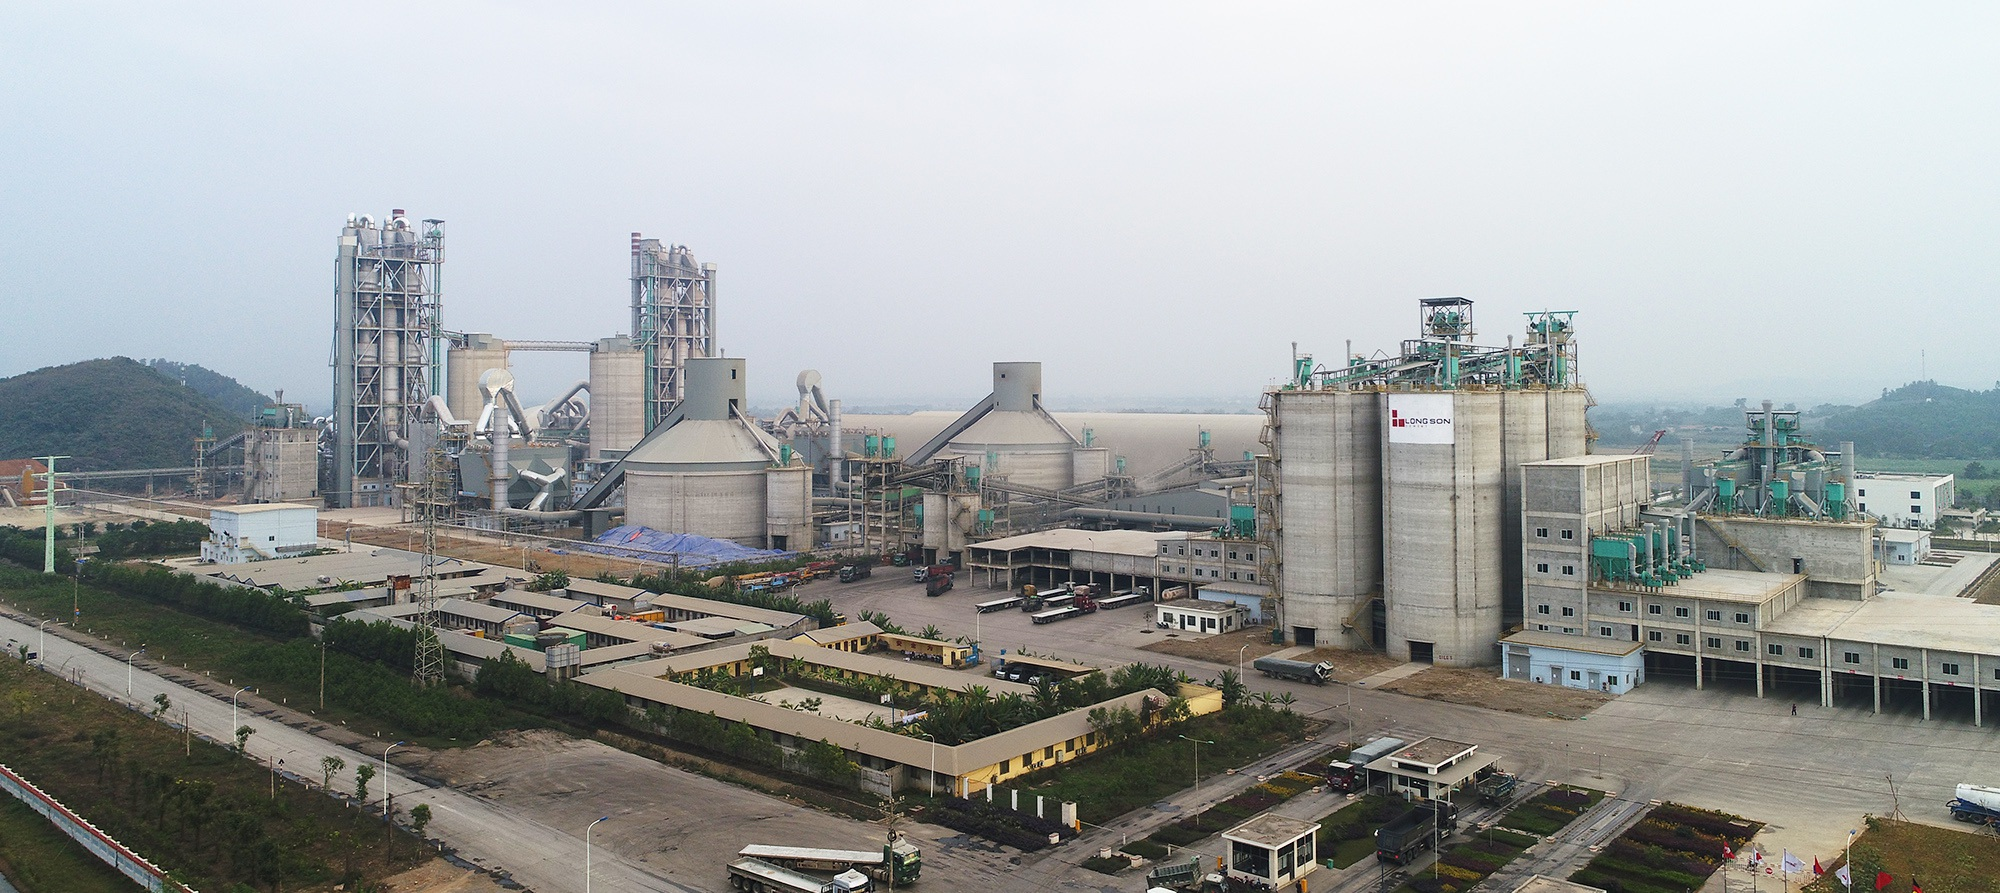 Lợi ích to lớn từ việc tận dụng nhiệt dư sản xuất xi măng để phát điện tại xi măng Long Sơn